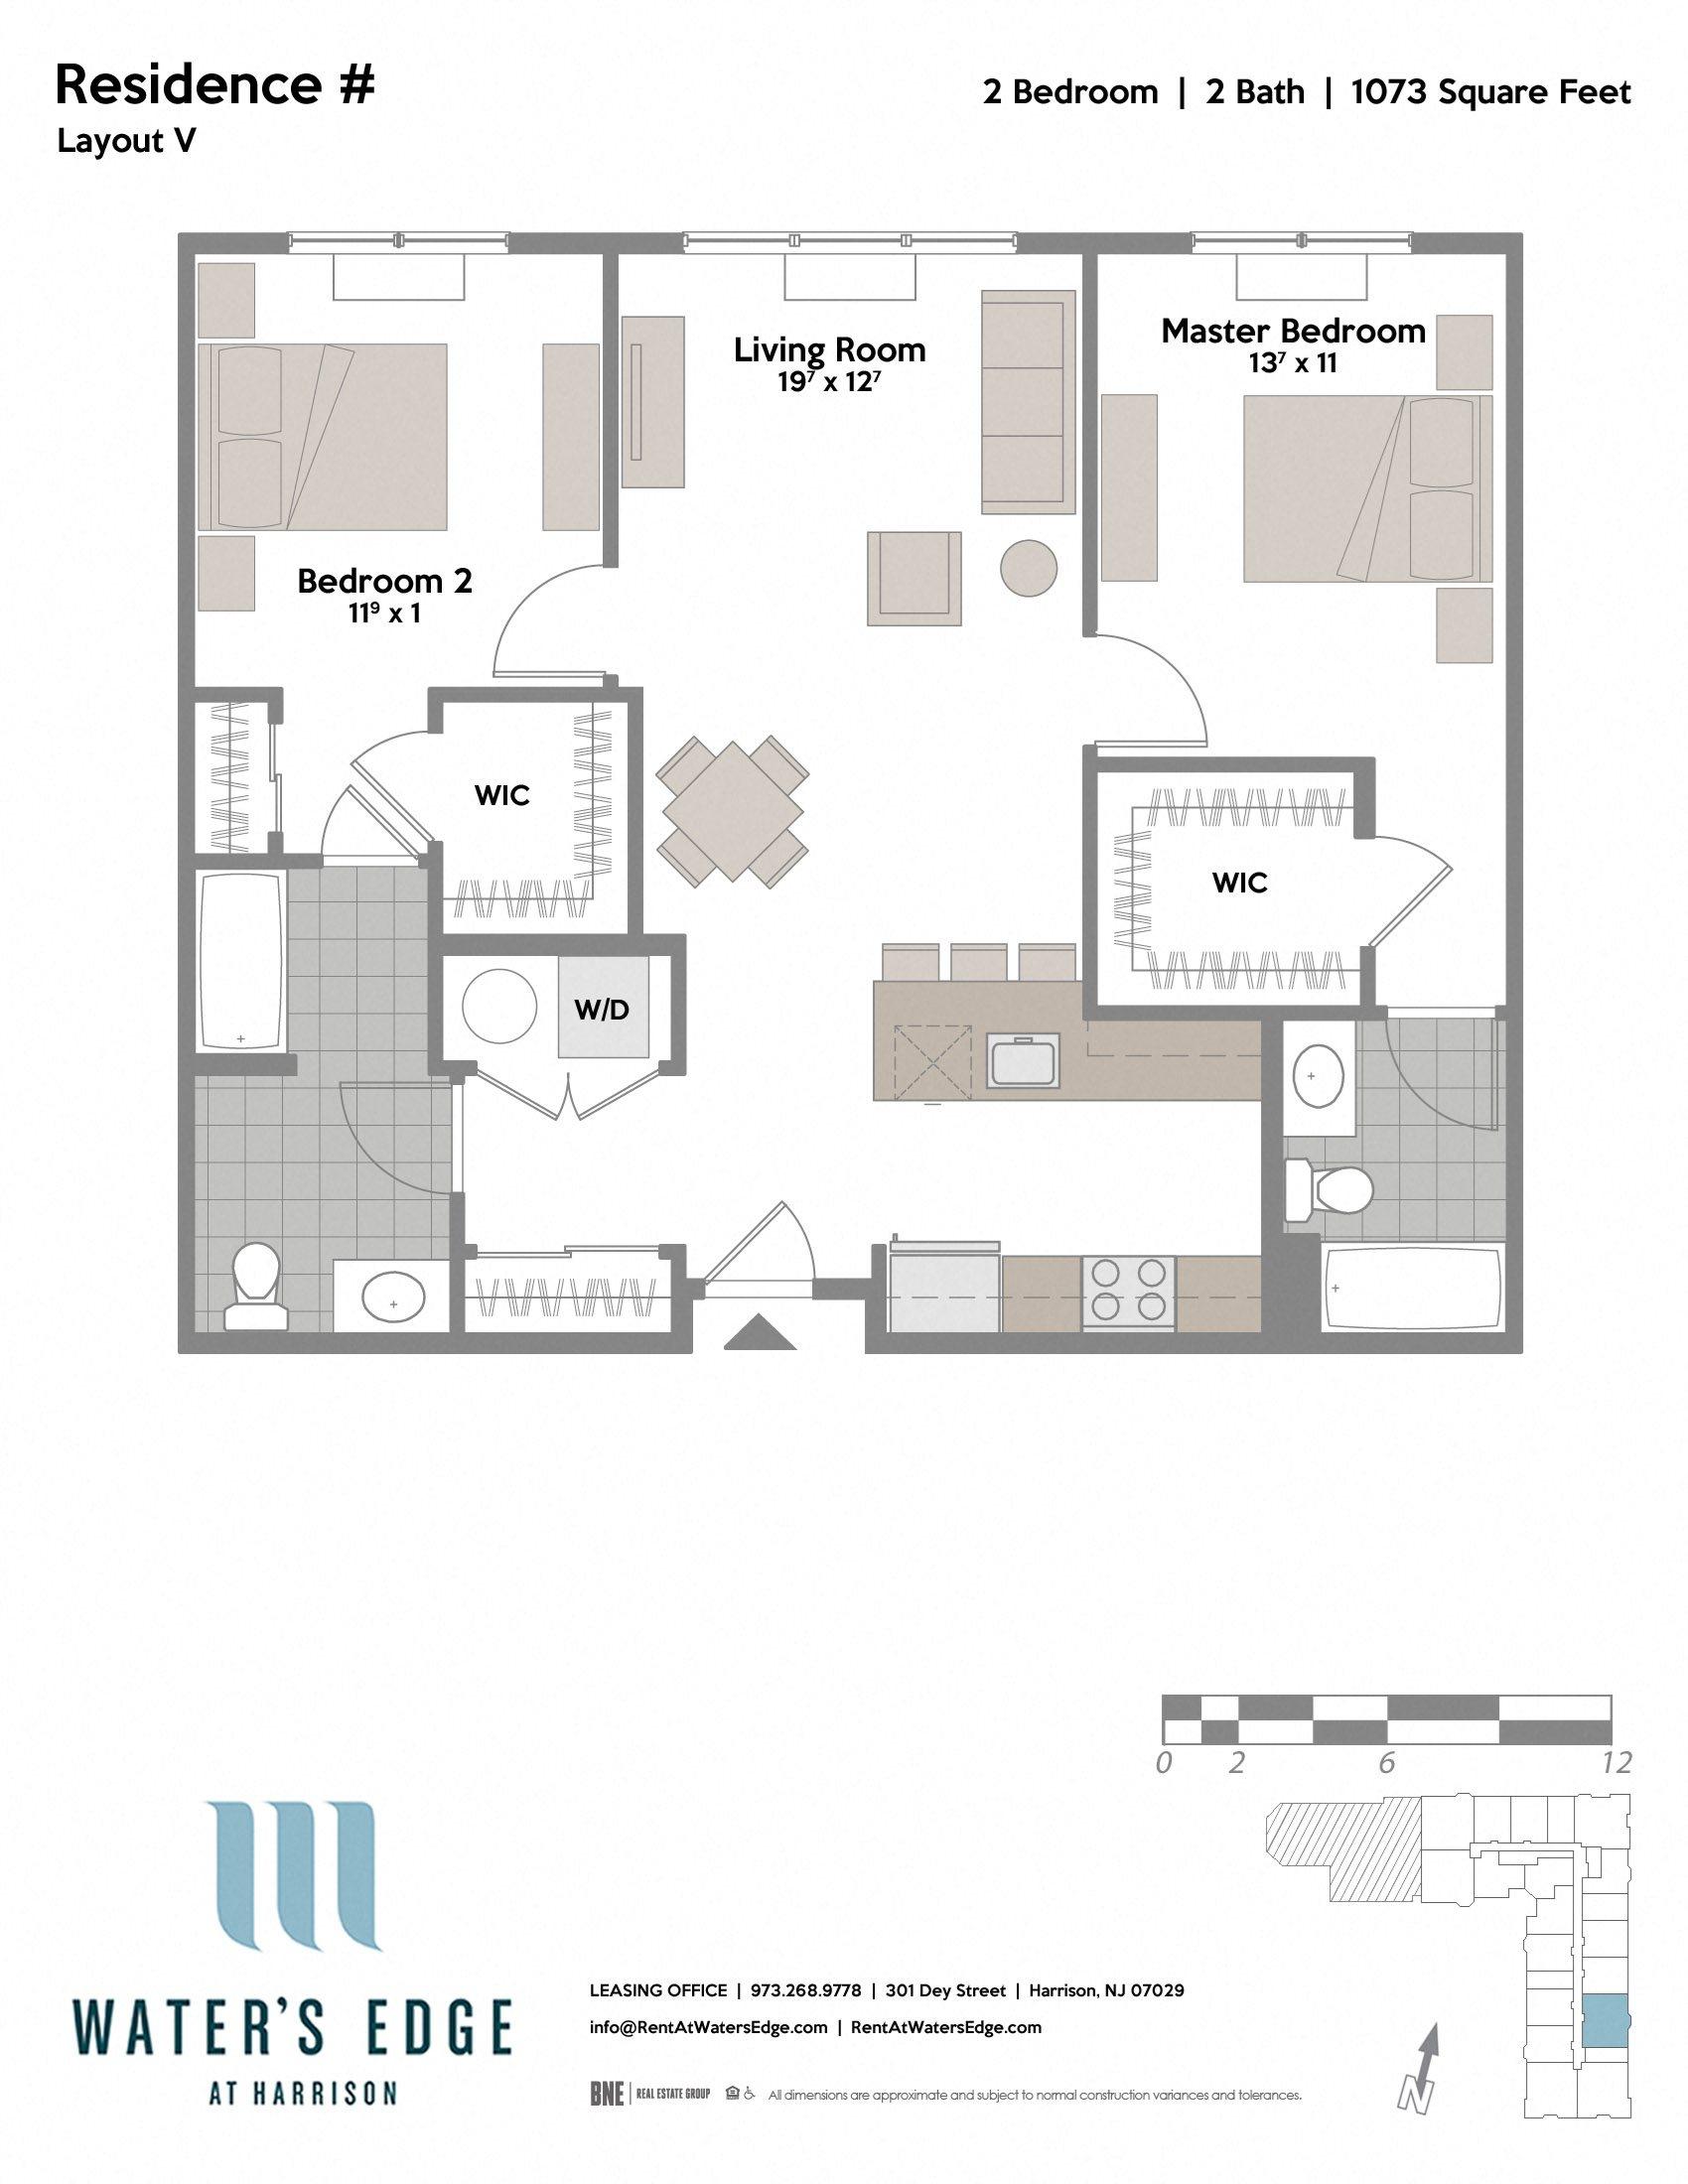 Layout V Floor Plan 3